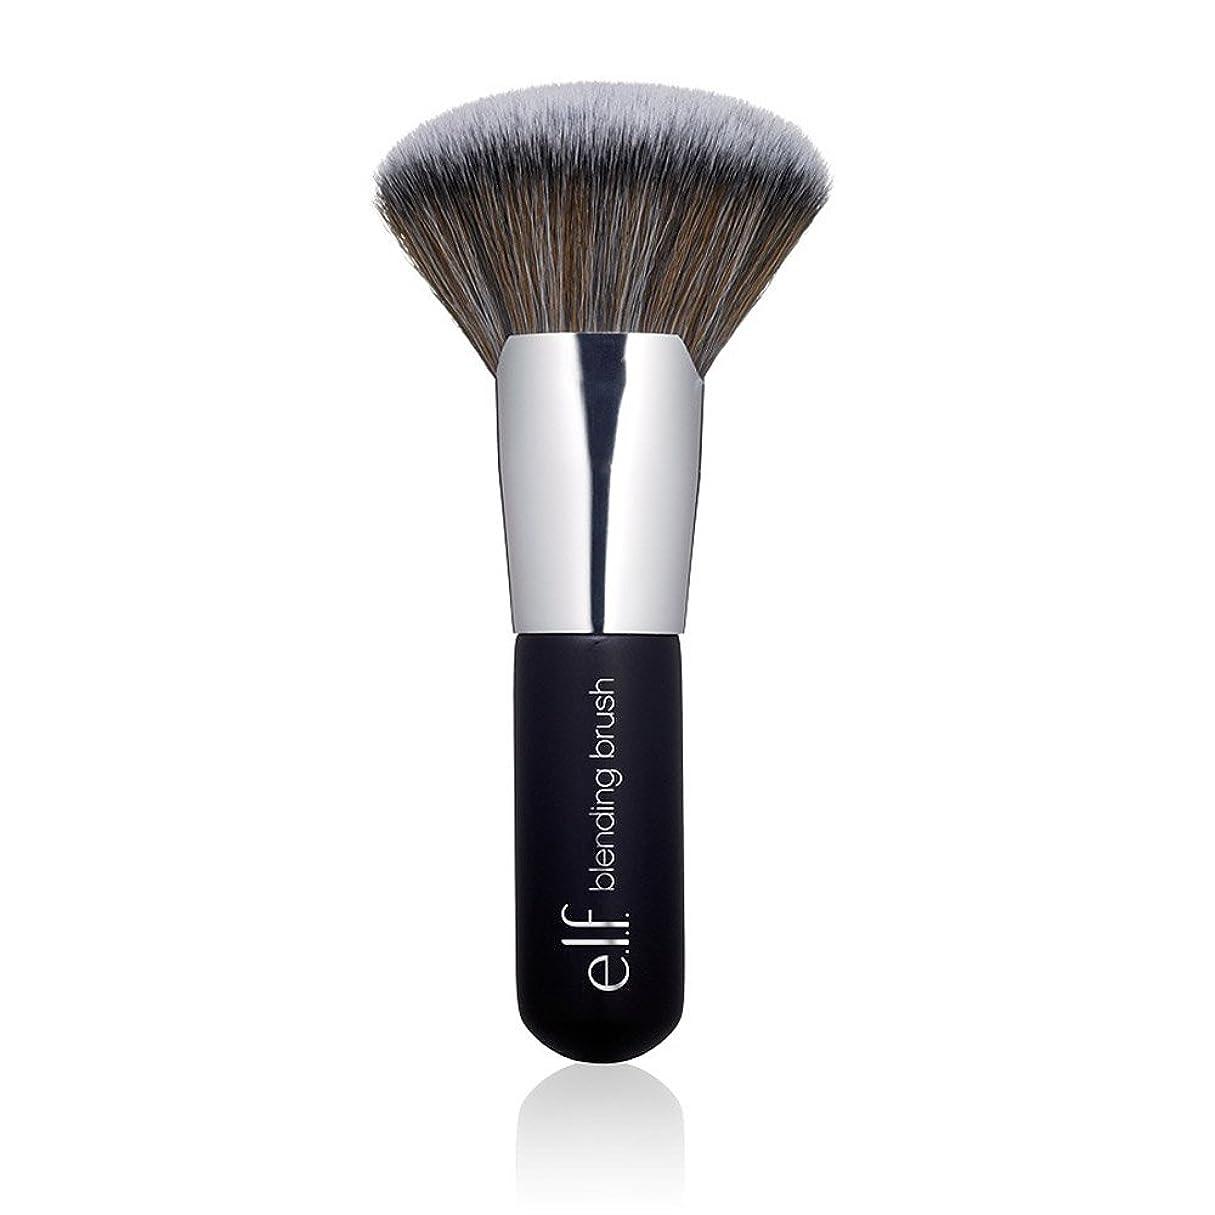 ノミネート彼らは繁栄e.l.f. Beautifully Bare Blending Brush EF96001 (並行輸入品)